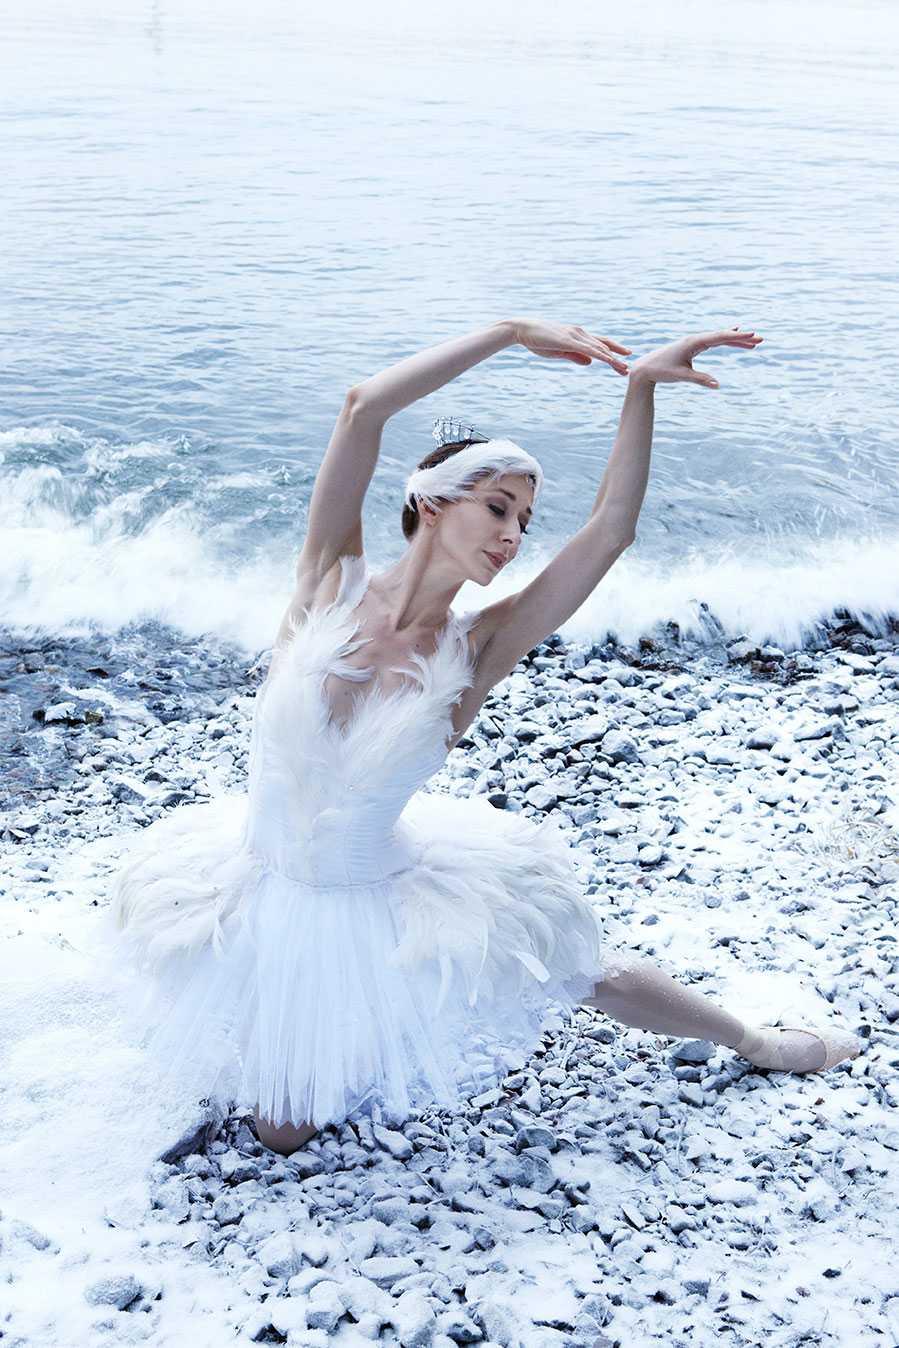 """Januari: Nadja Sellrup, balettdansös. """"Hon ville gömma sig men något fick henne att dansa. Hon snubblade och glömde stegen. Men hon dansade. Larven blev en fjäril och under den vita svanens svanhamn finns den svarta. Inte längre tyngdlös, foglig, tyst, underkastad. Utan med egna begär."""""""